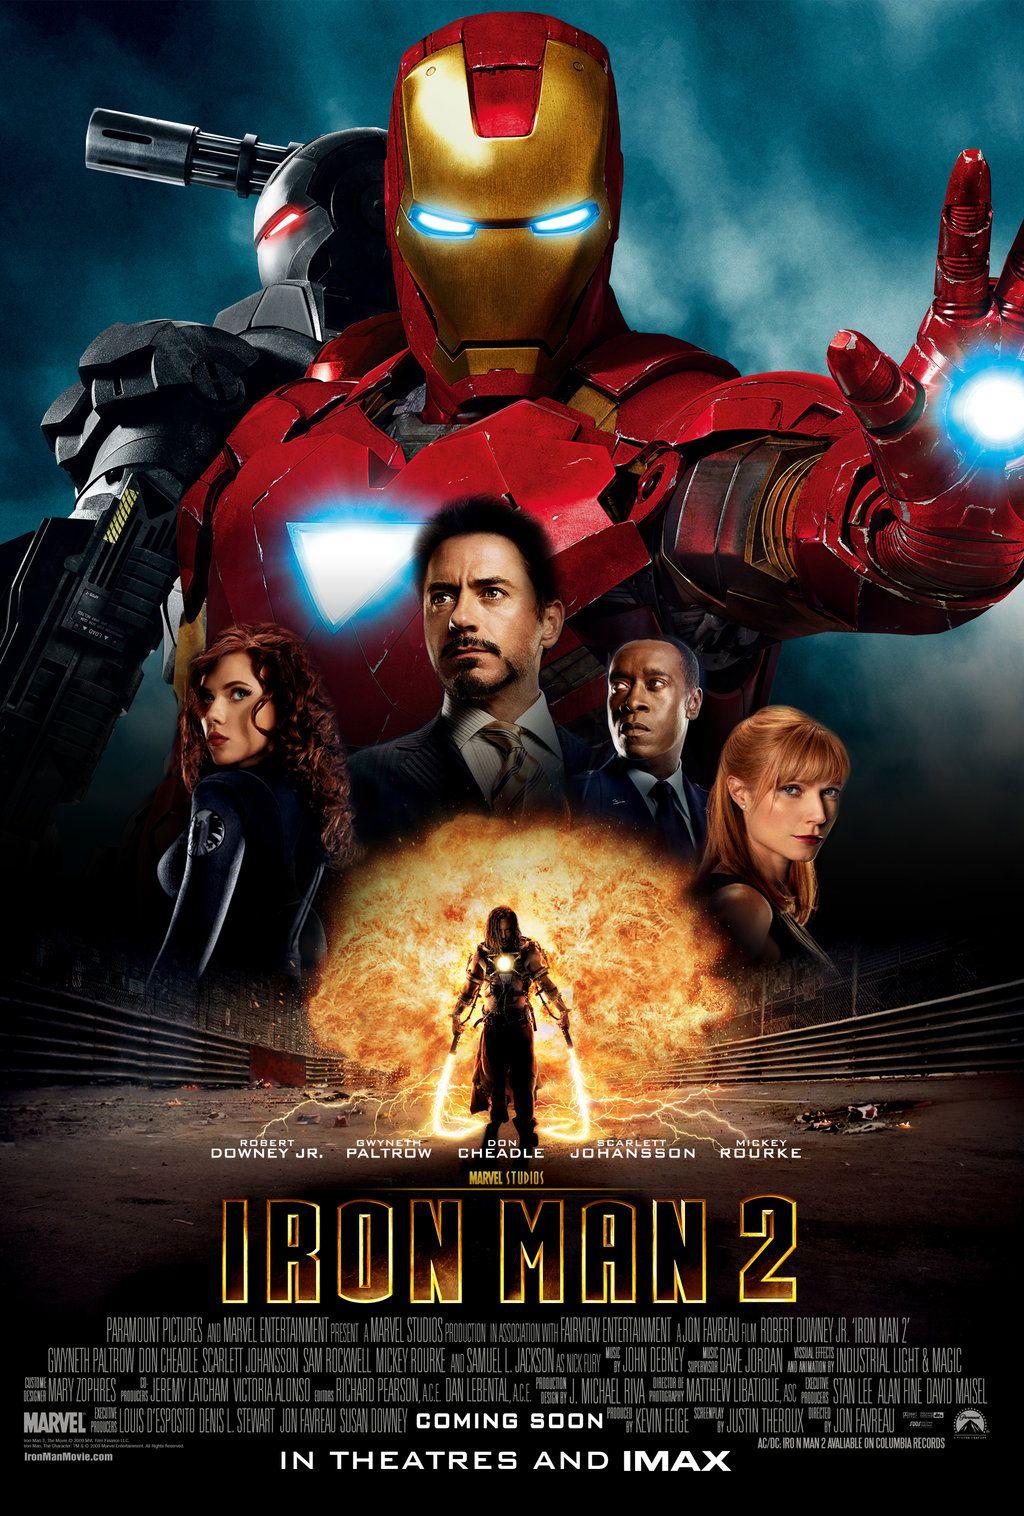 Iron Man 2: Avengers / Marvel In 2019